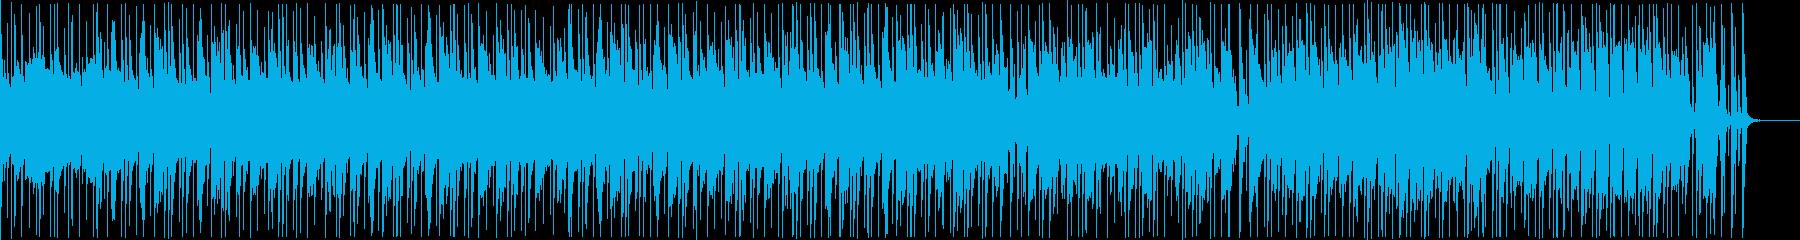 陽気でお気楽な感じのBGMの再生済みの波形